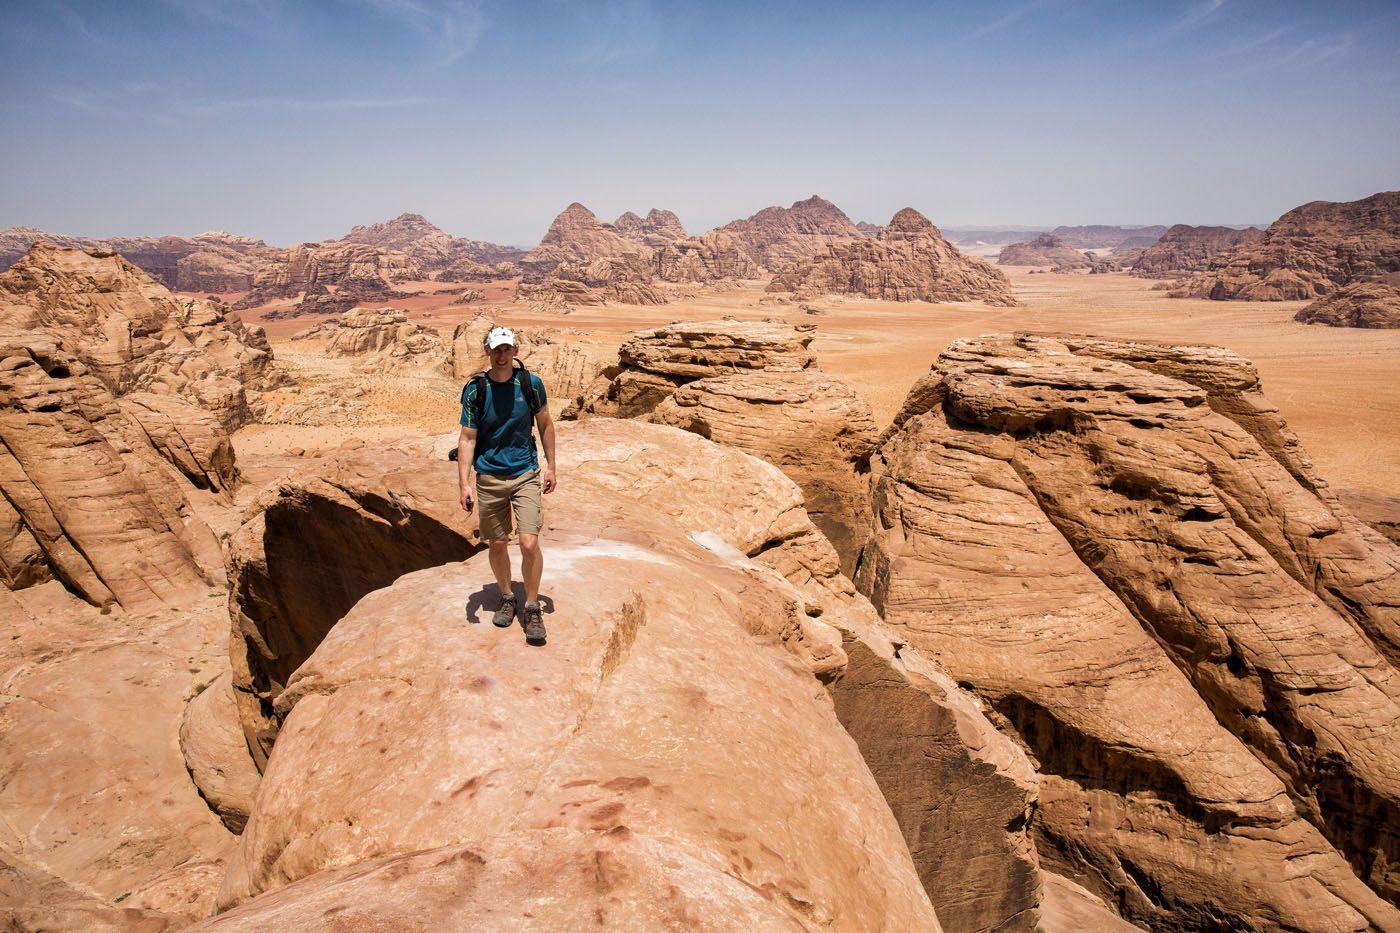 Hiking Wadi Rum to Jebel Burdah